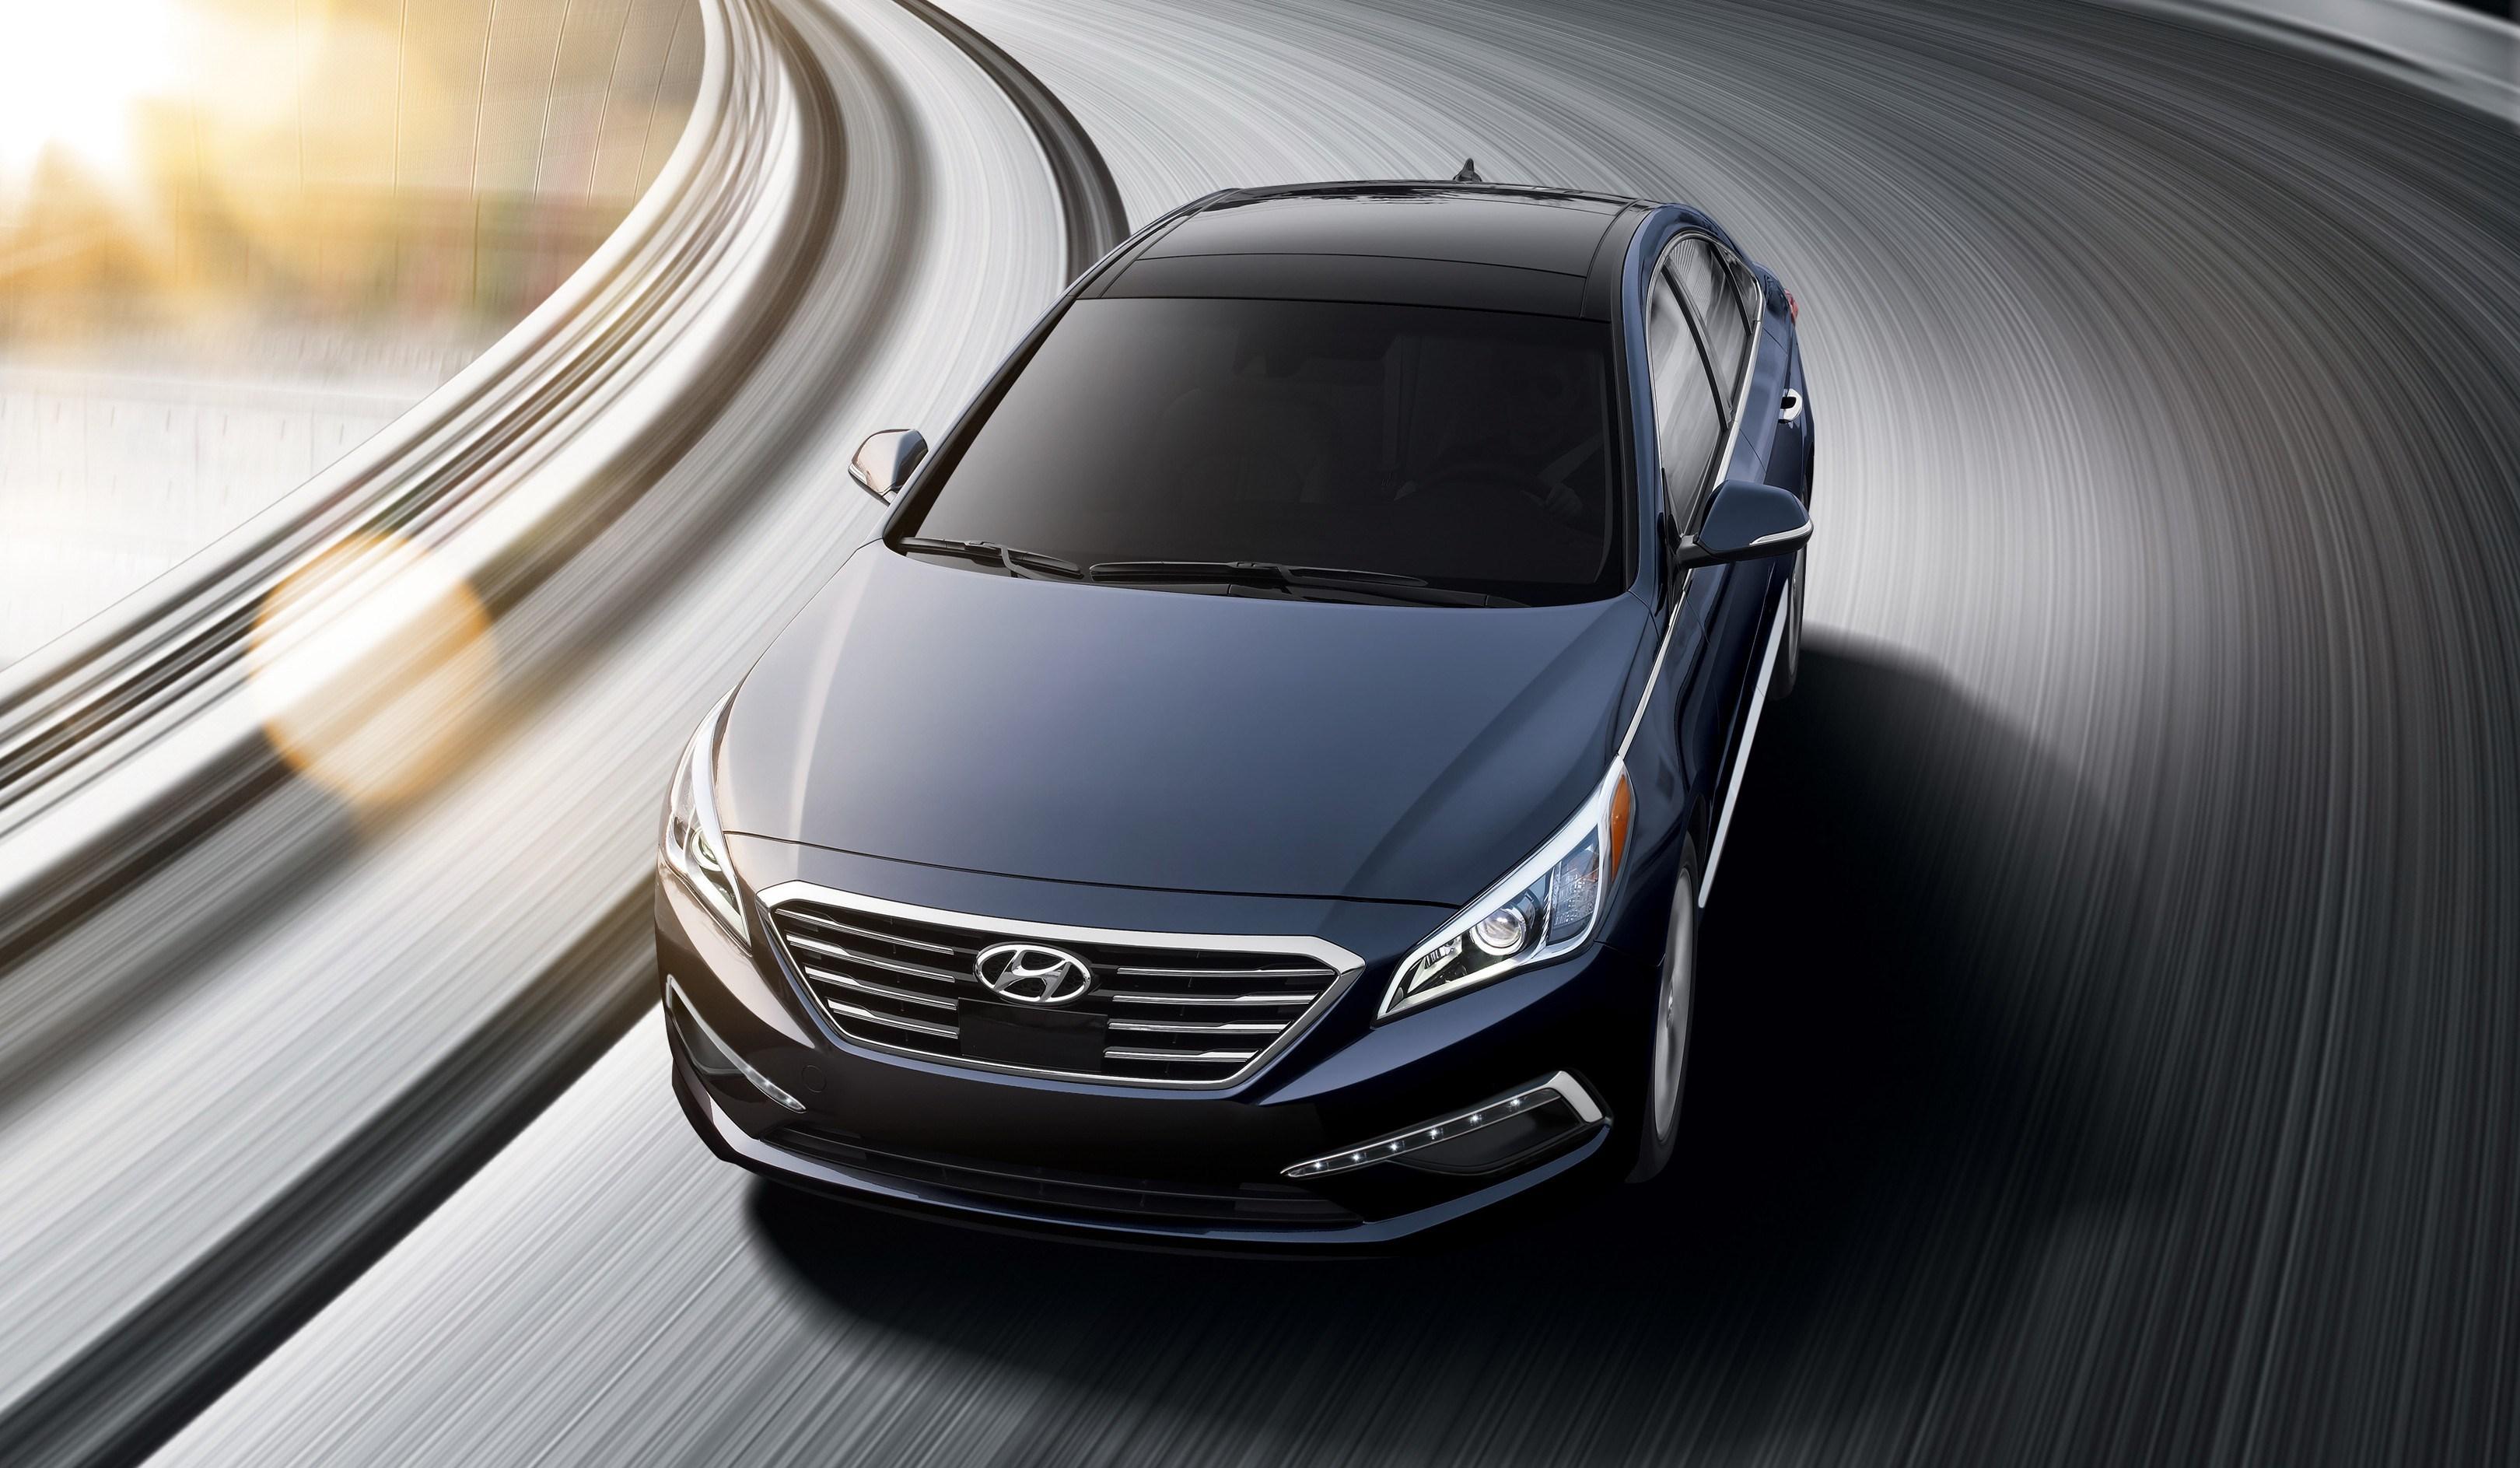 2015 Hyundai Sonata press picture courtesy of Hyundai America